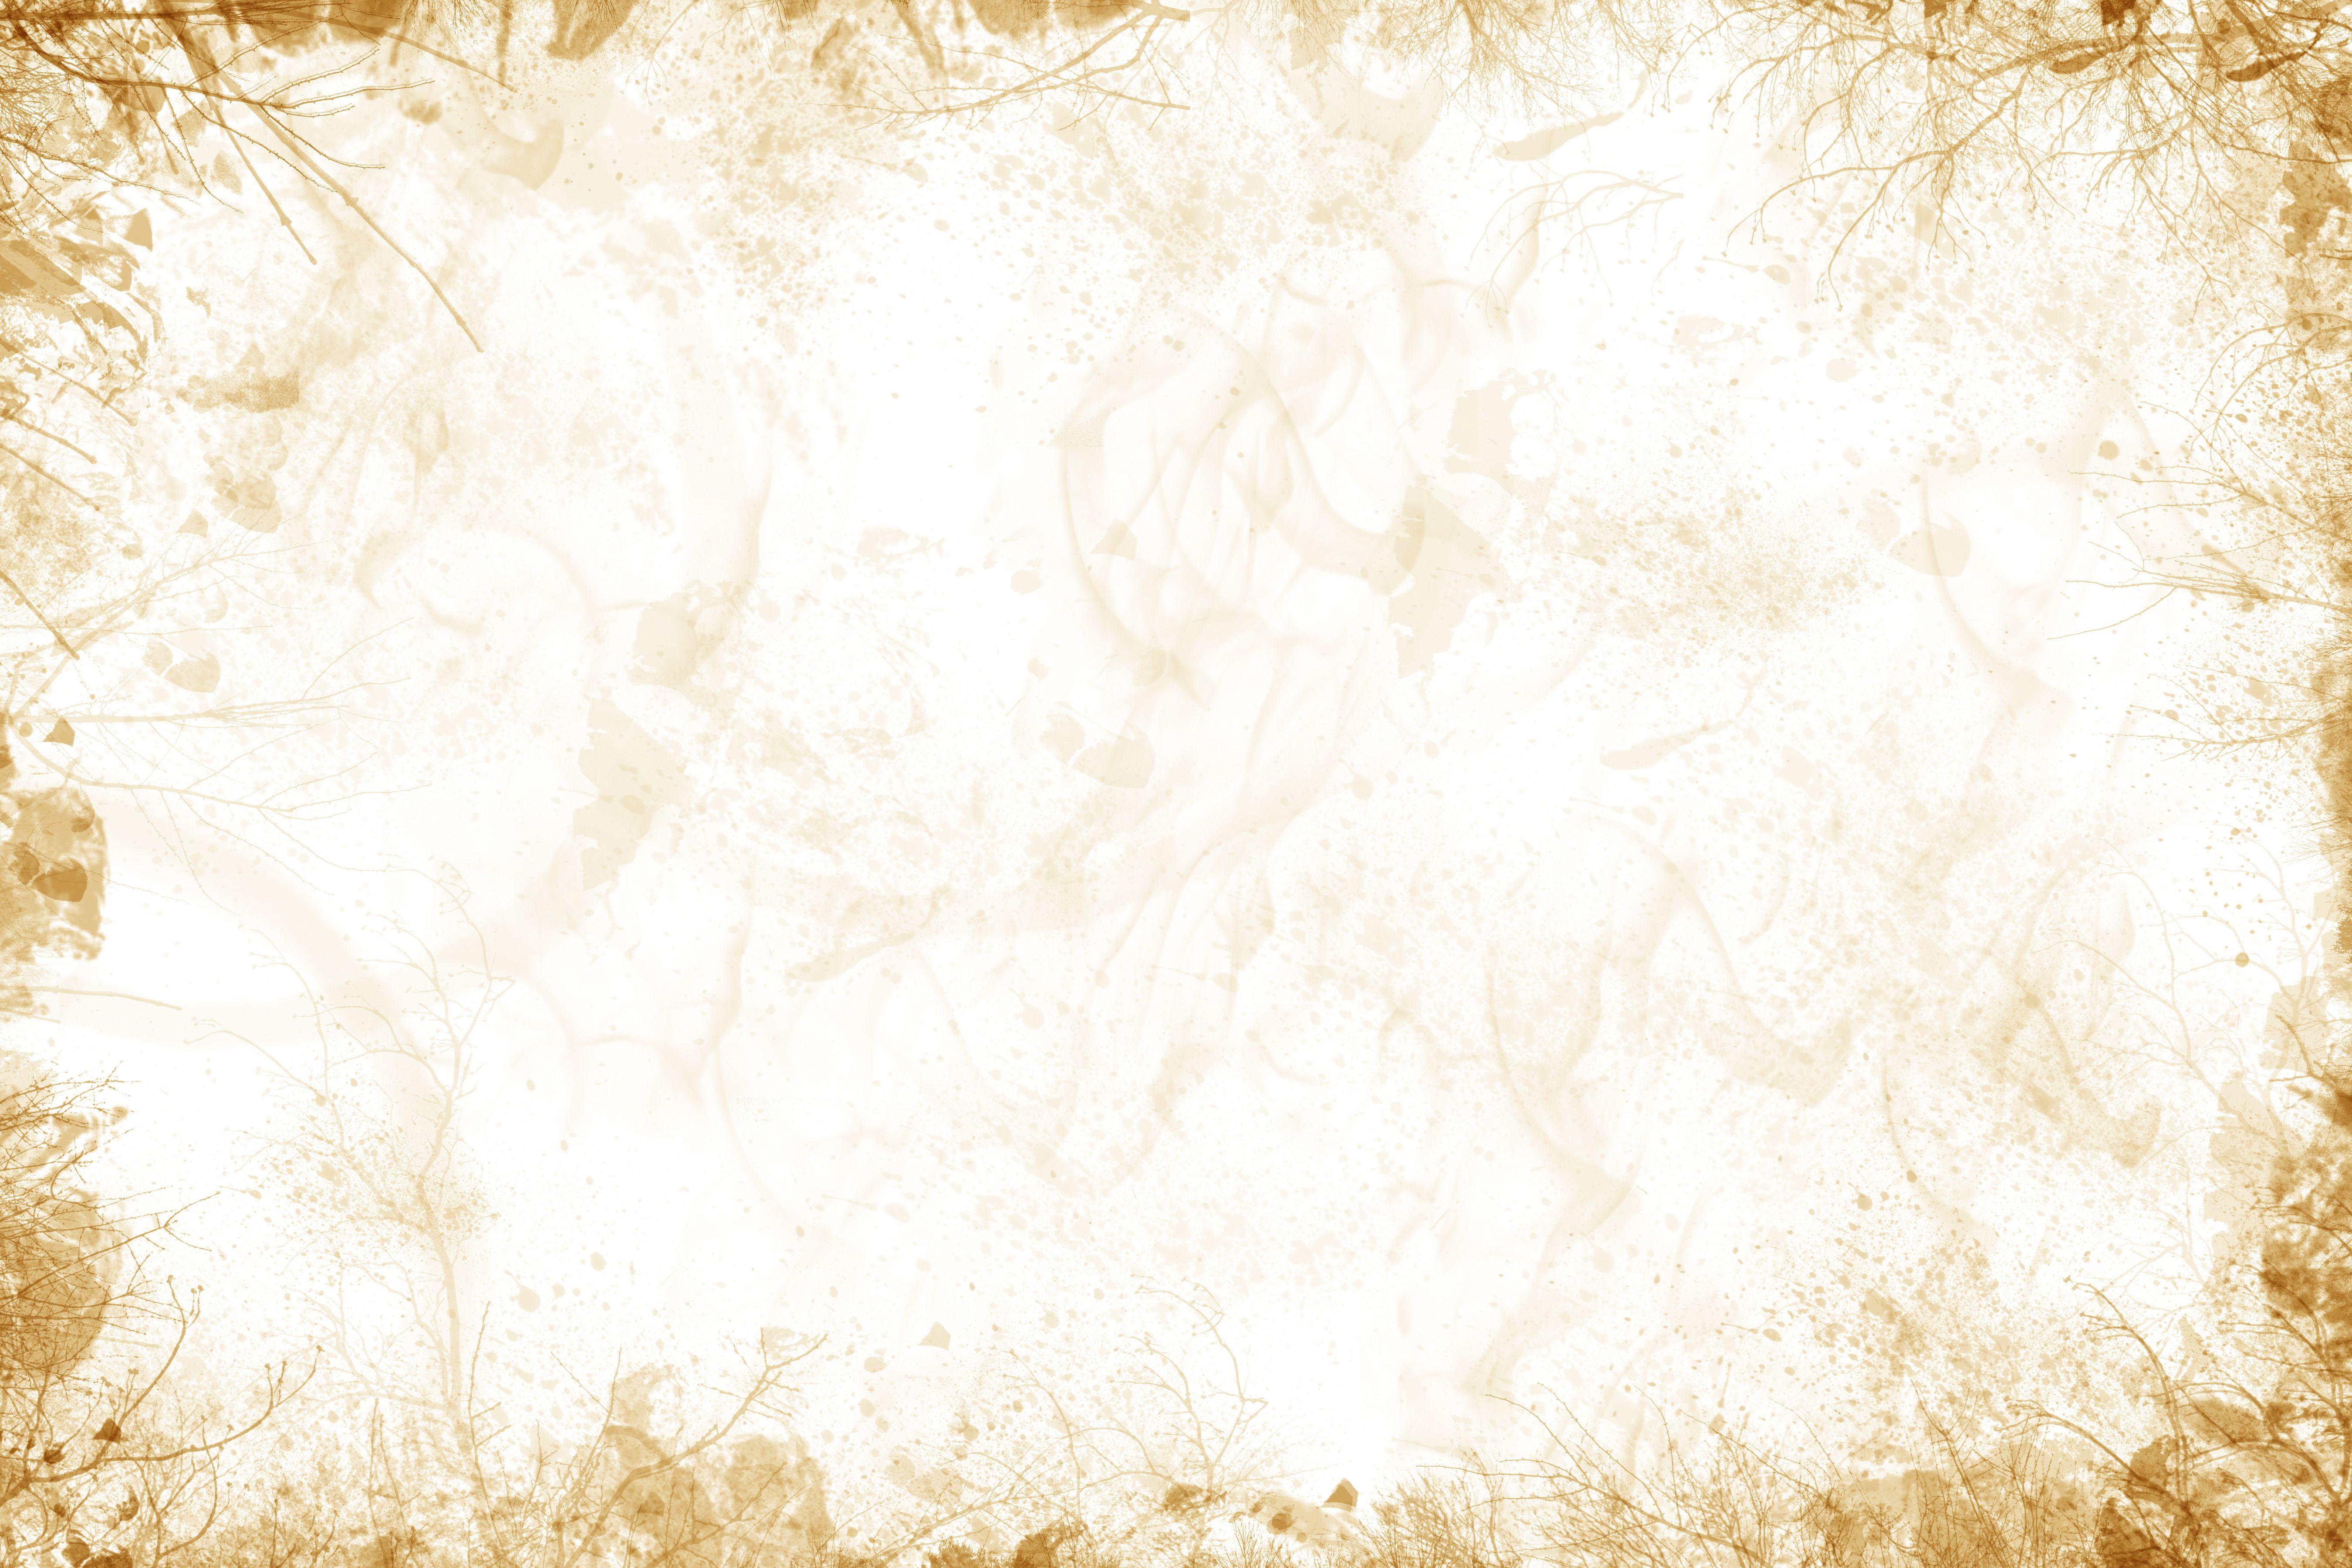 Light Beige Design Backgrounds